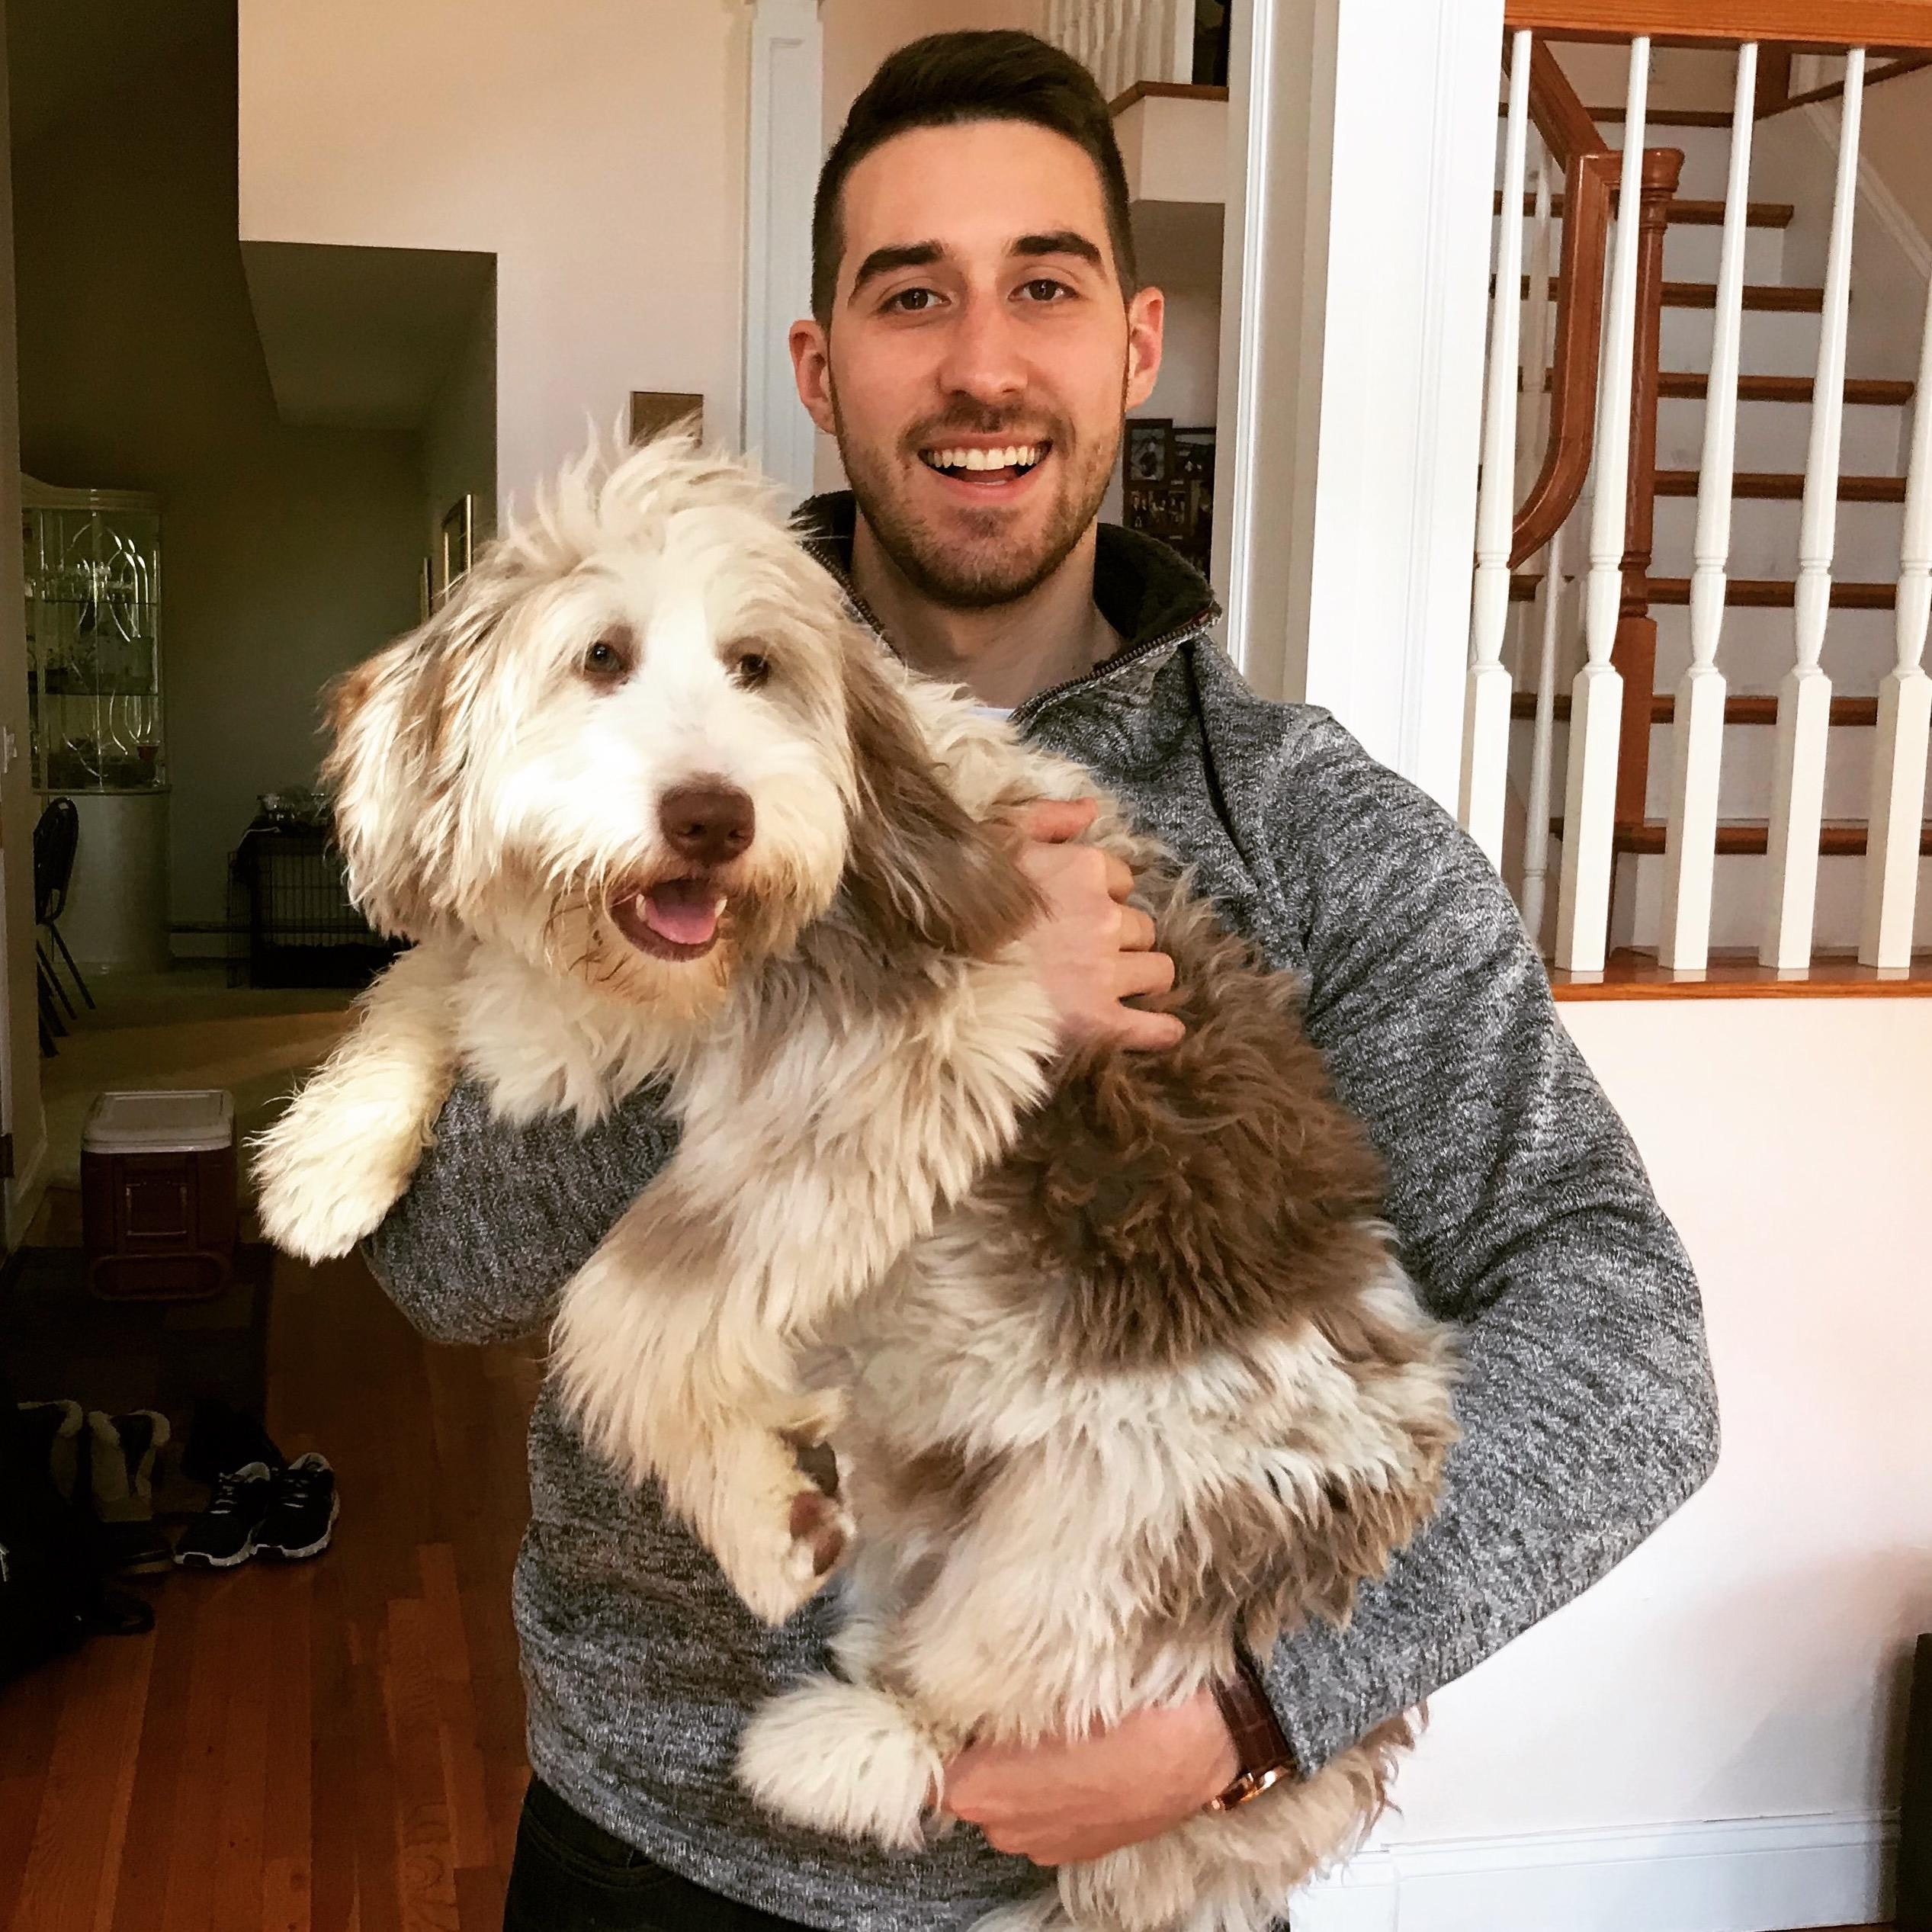 dog walker Luke